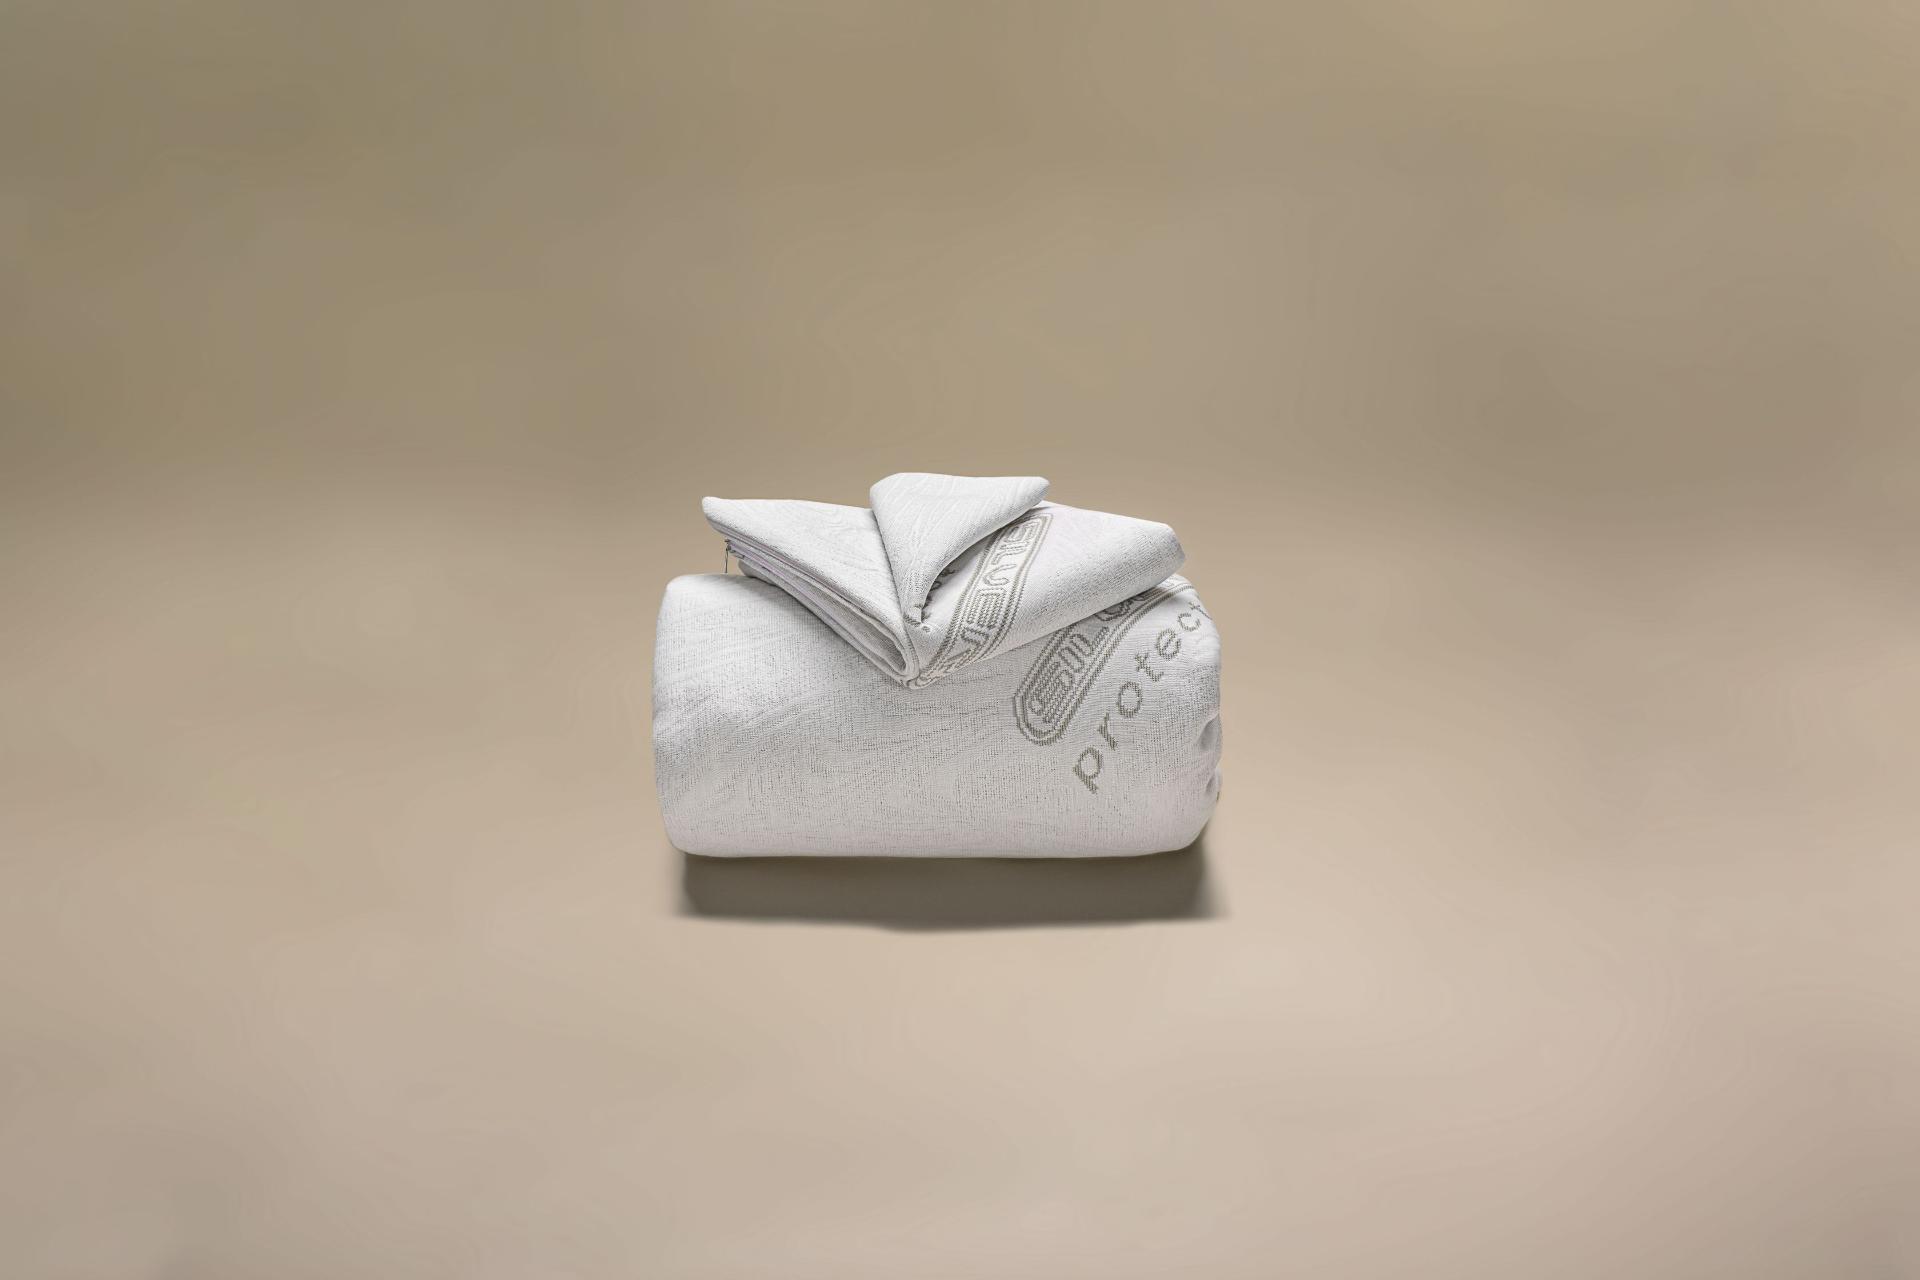 copricuscino a maglia semi imbottito igienico silverplus a cappuccio